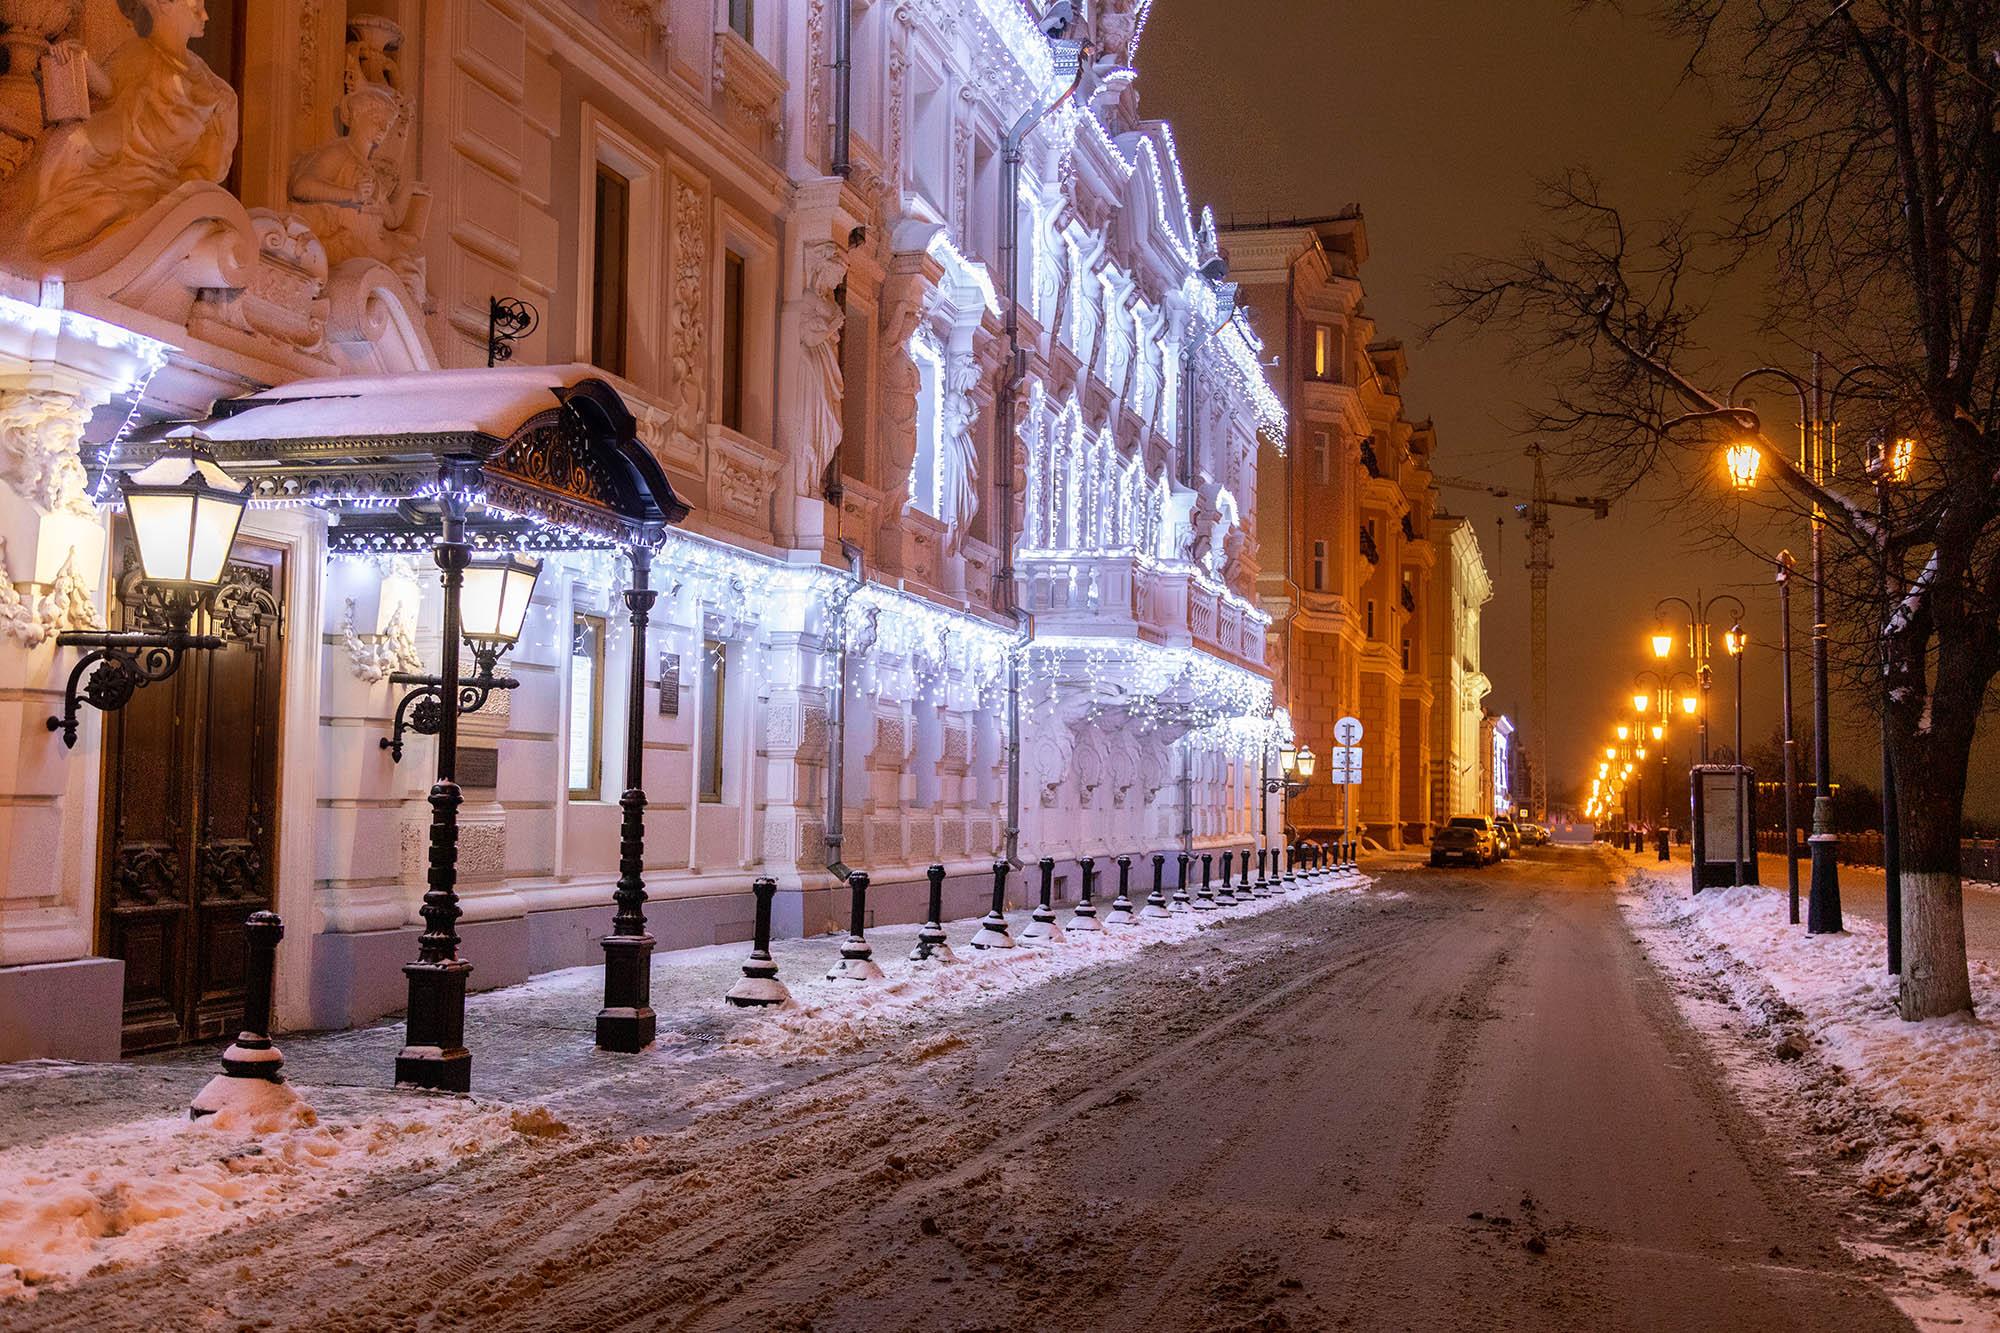 Архитектурно-художественная подсветка украсит достопримечательности Нижнего Новгорода к 800-летию города